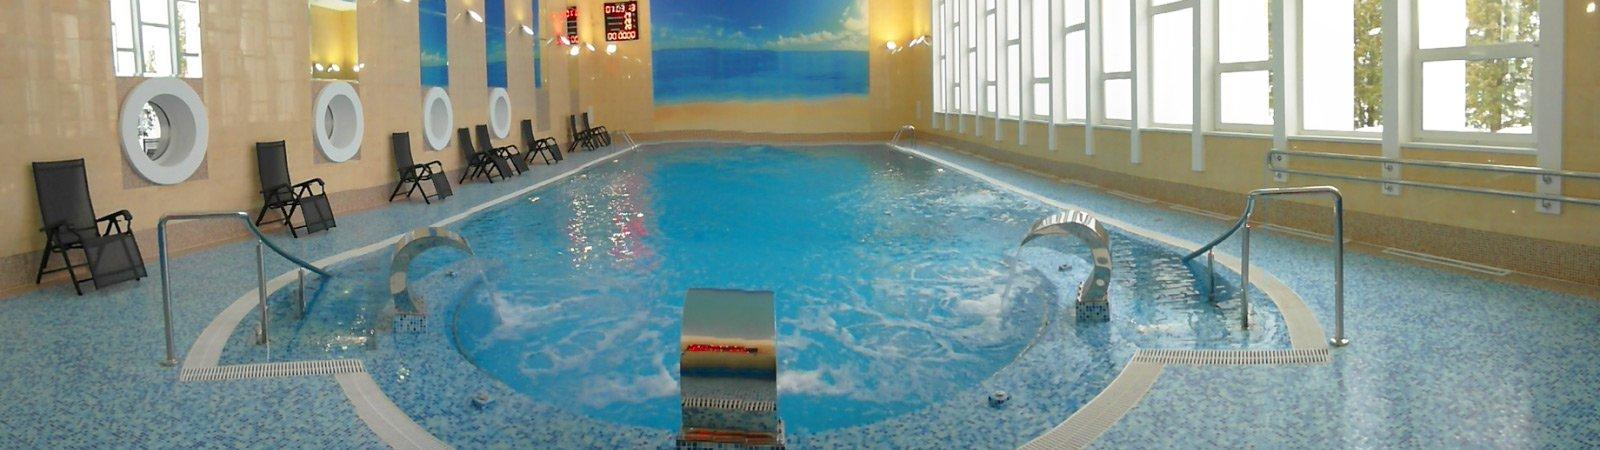 Санатории подмосковья с бассейном и лечением цена